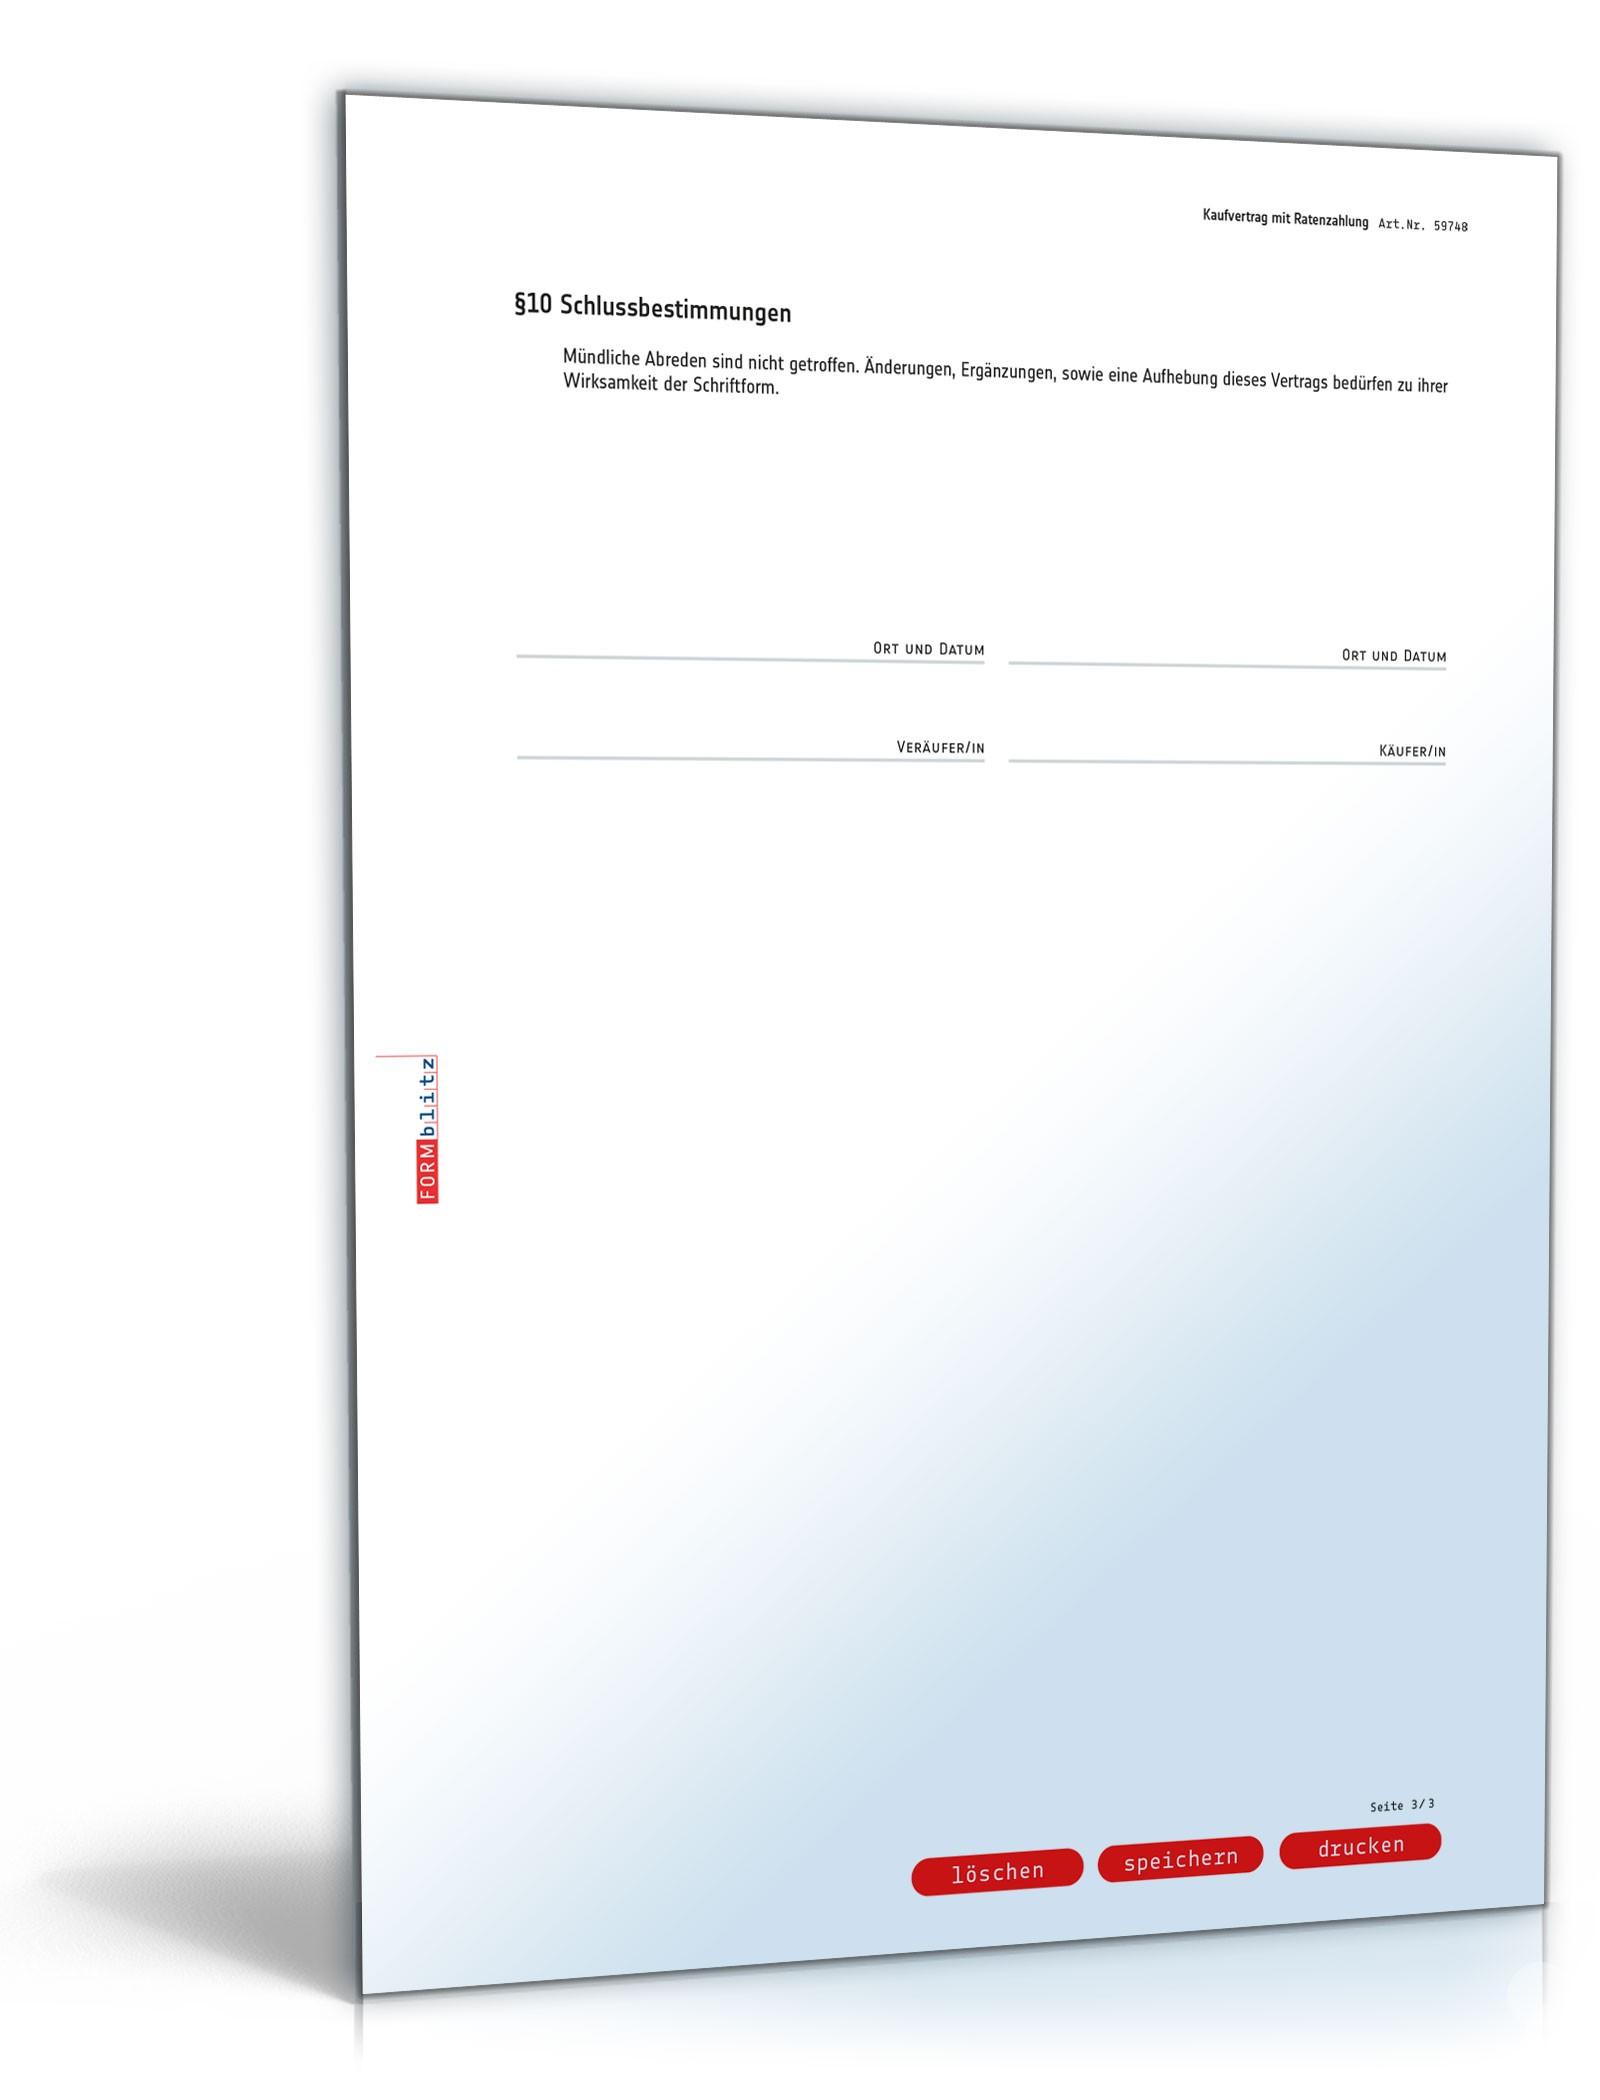 Kaufvertrag Mit Ratenzahlung Vorlage Zum Download